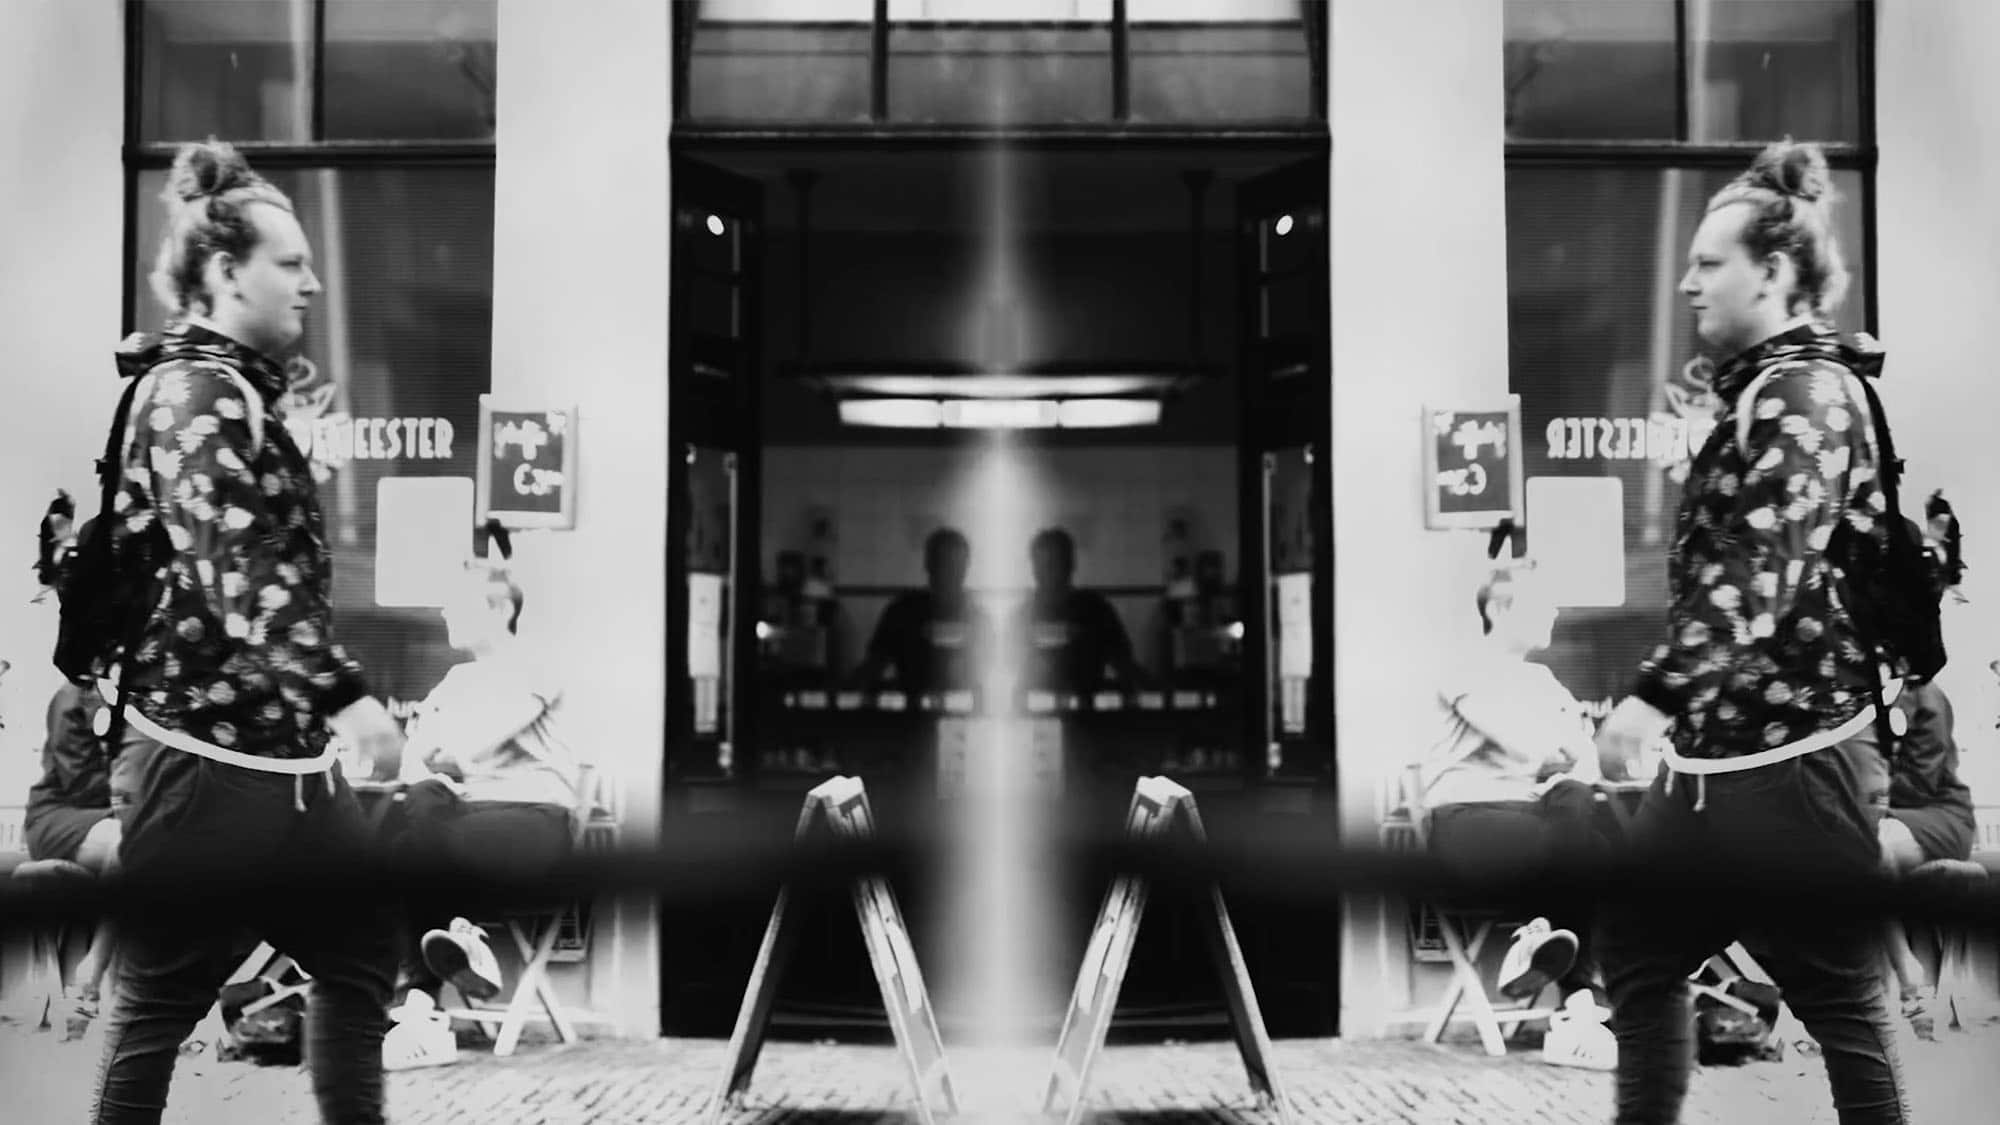 Artistieke, in het midden gespiegelde foto van een jongen die door de stad loopt